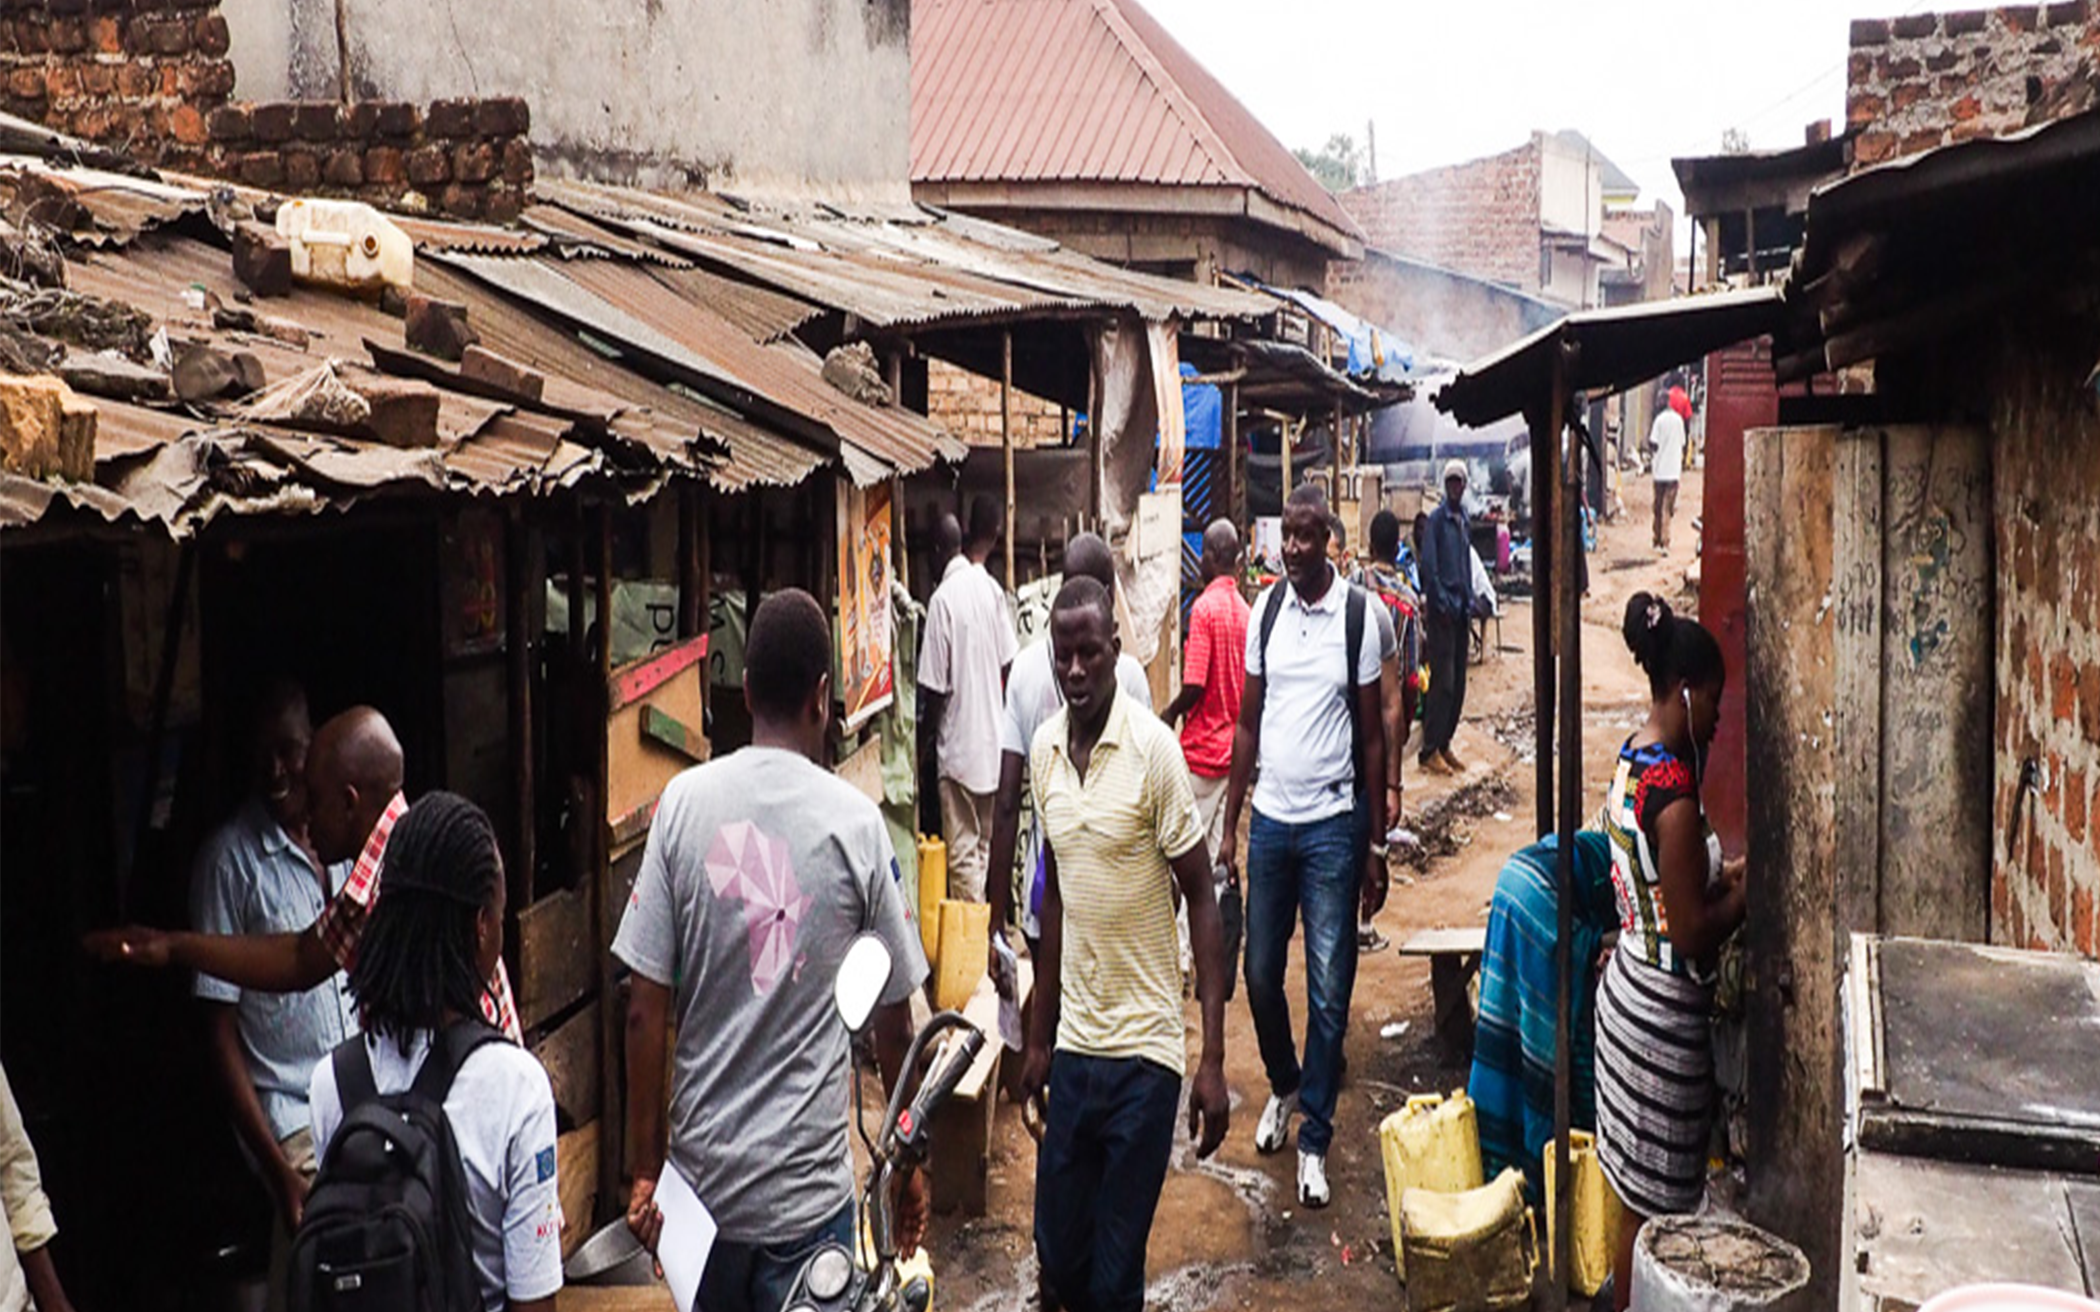 Vulnerabilities extend beyond refugee populations – AGORA finds